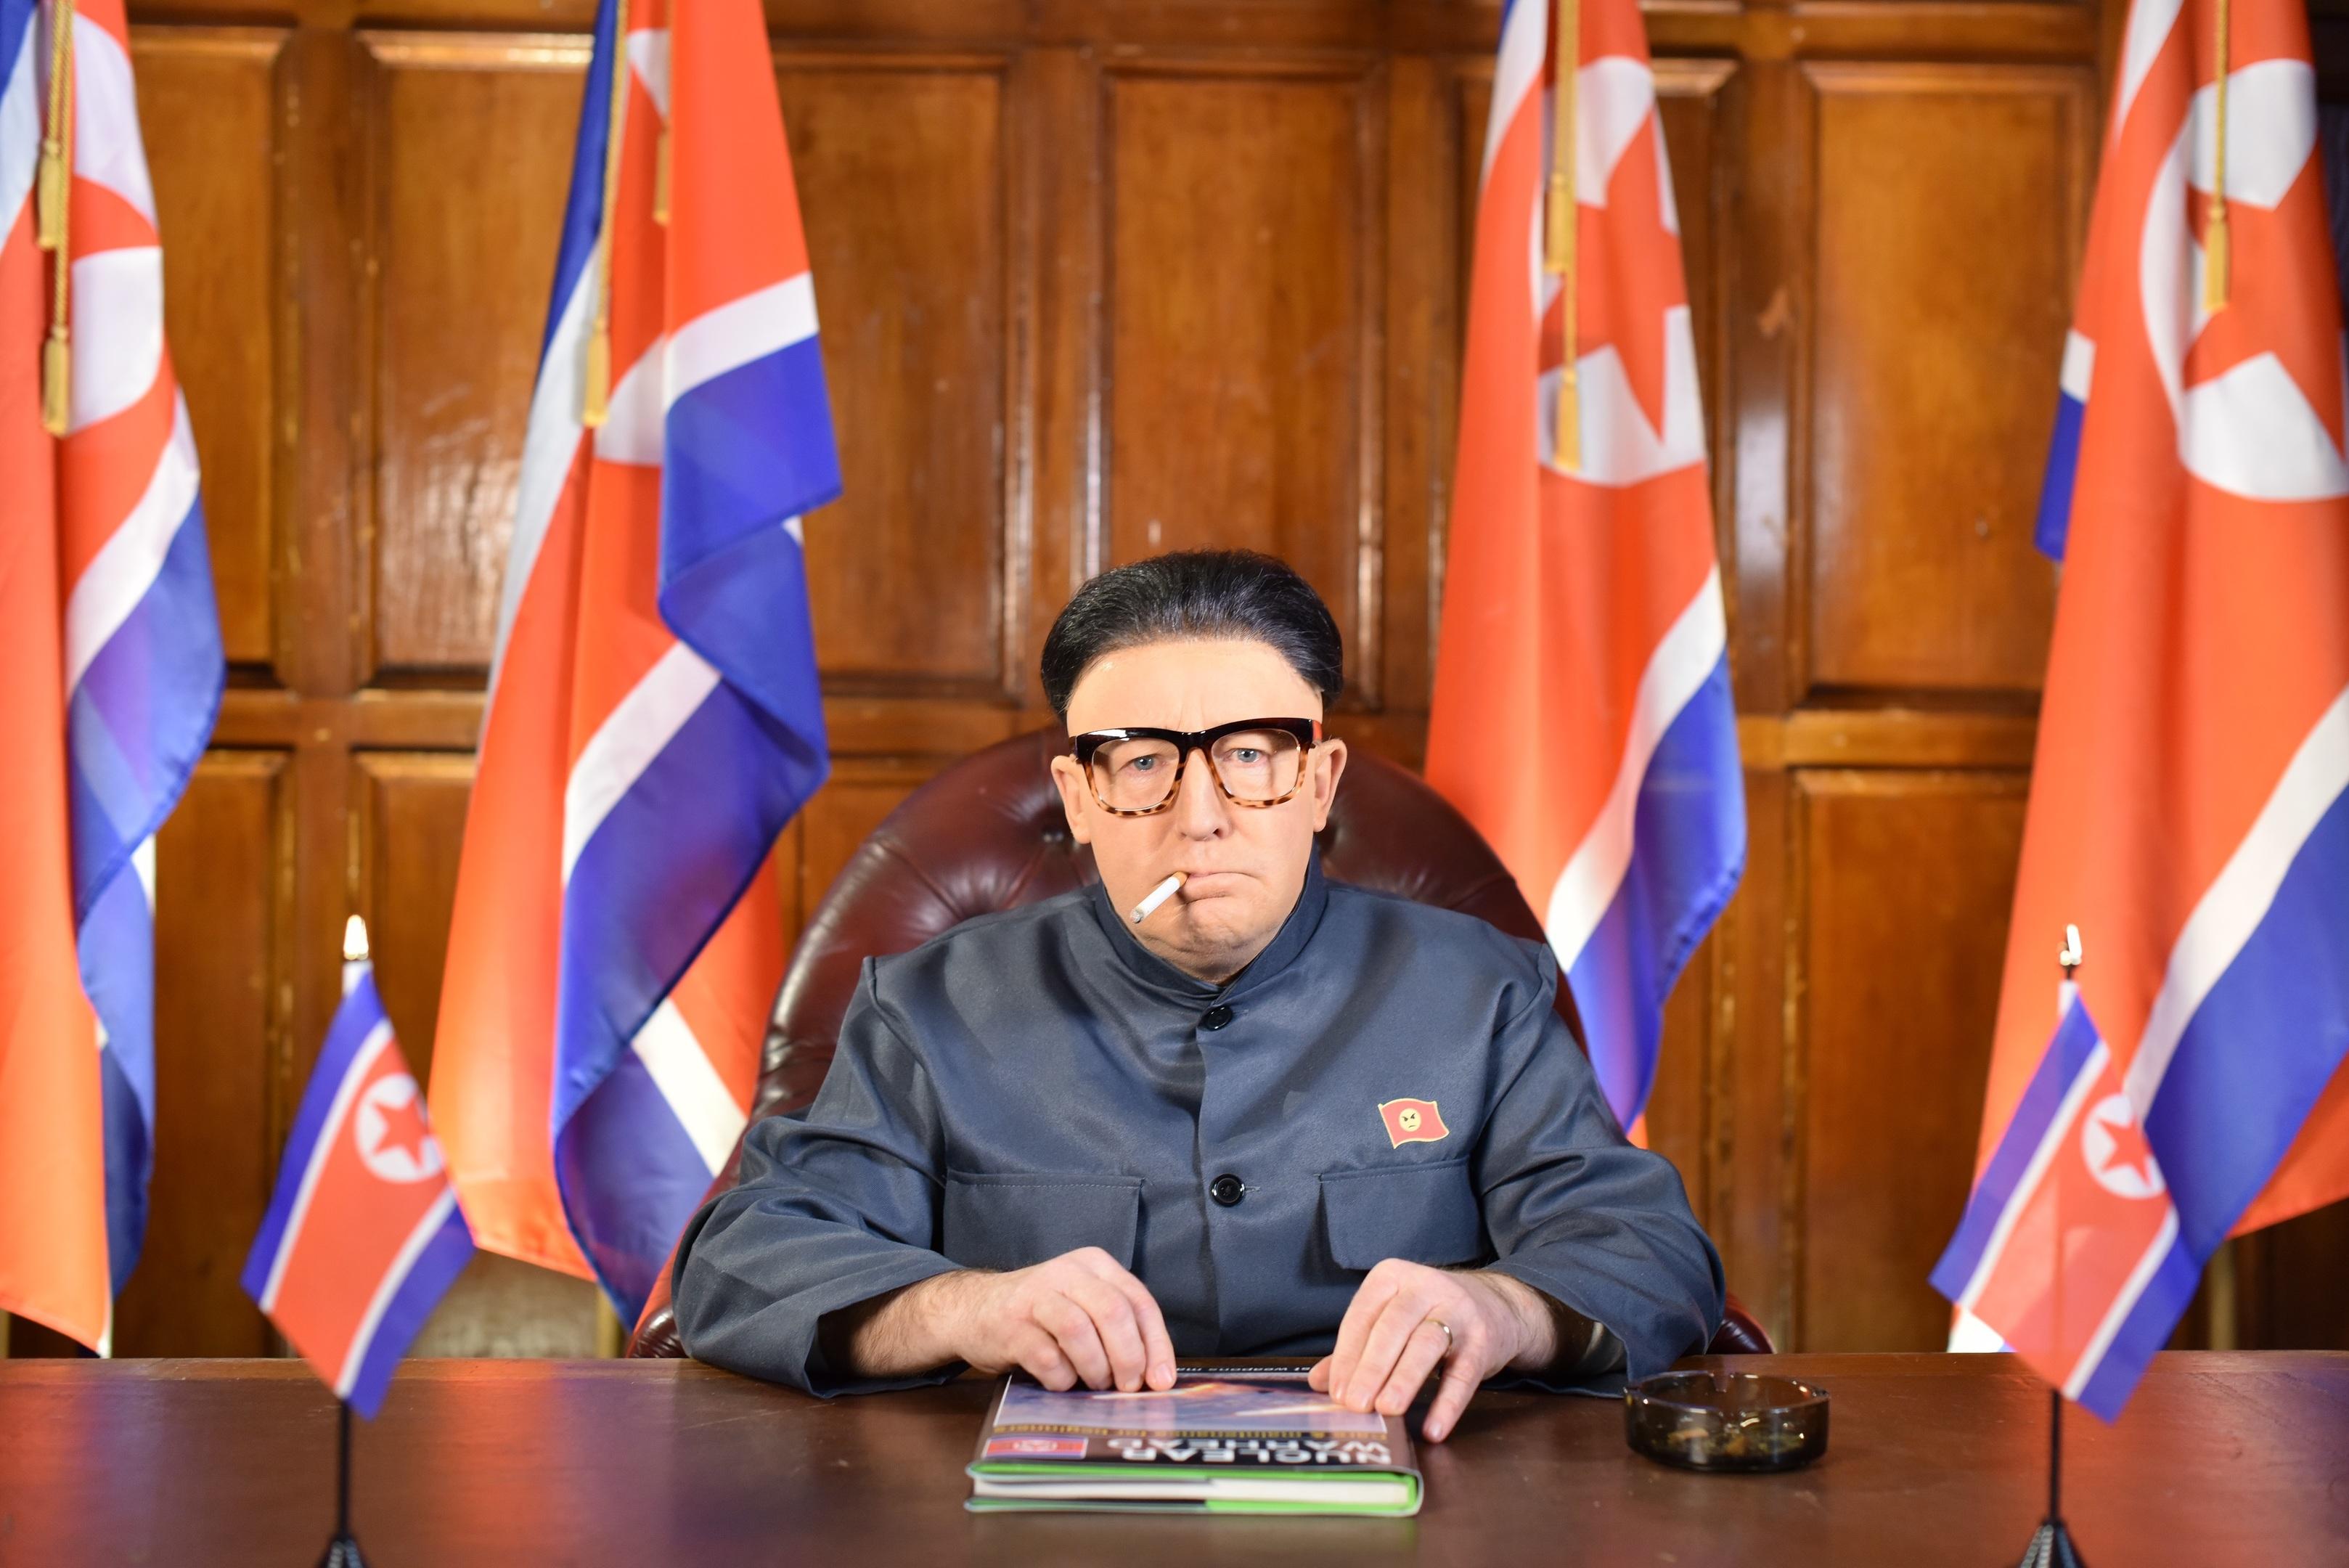 Jonathan Watson as Kim Jong-un (BBC/Comedy Unit /Alan Peebles)